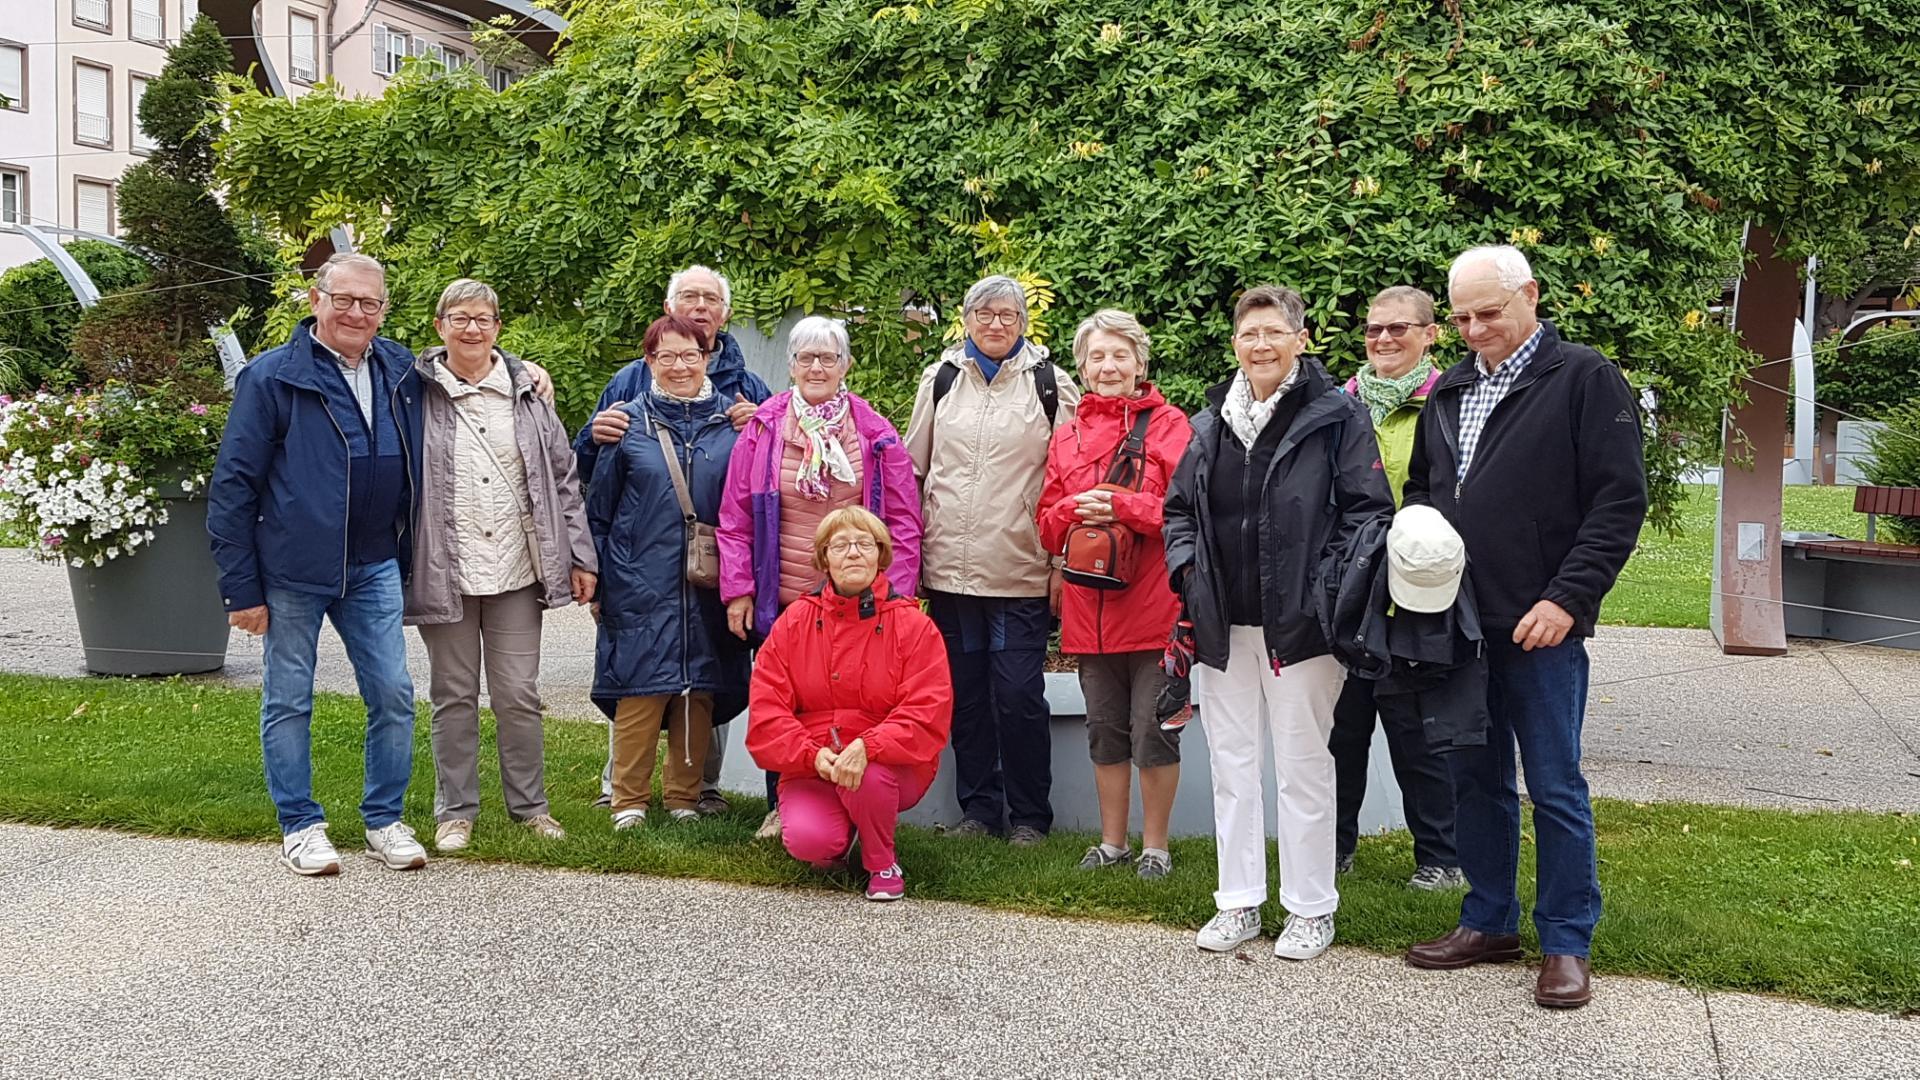 Dimanche matin , les touristes visitent Colmar